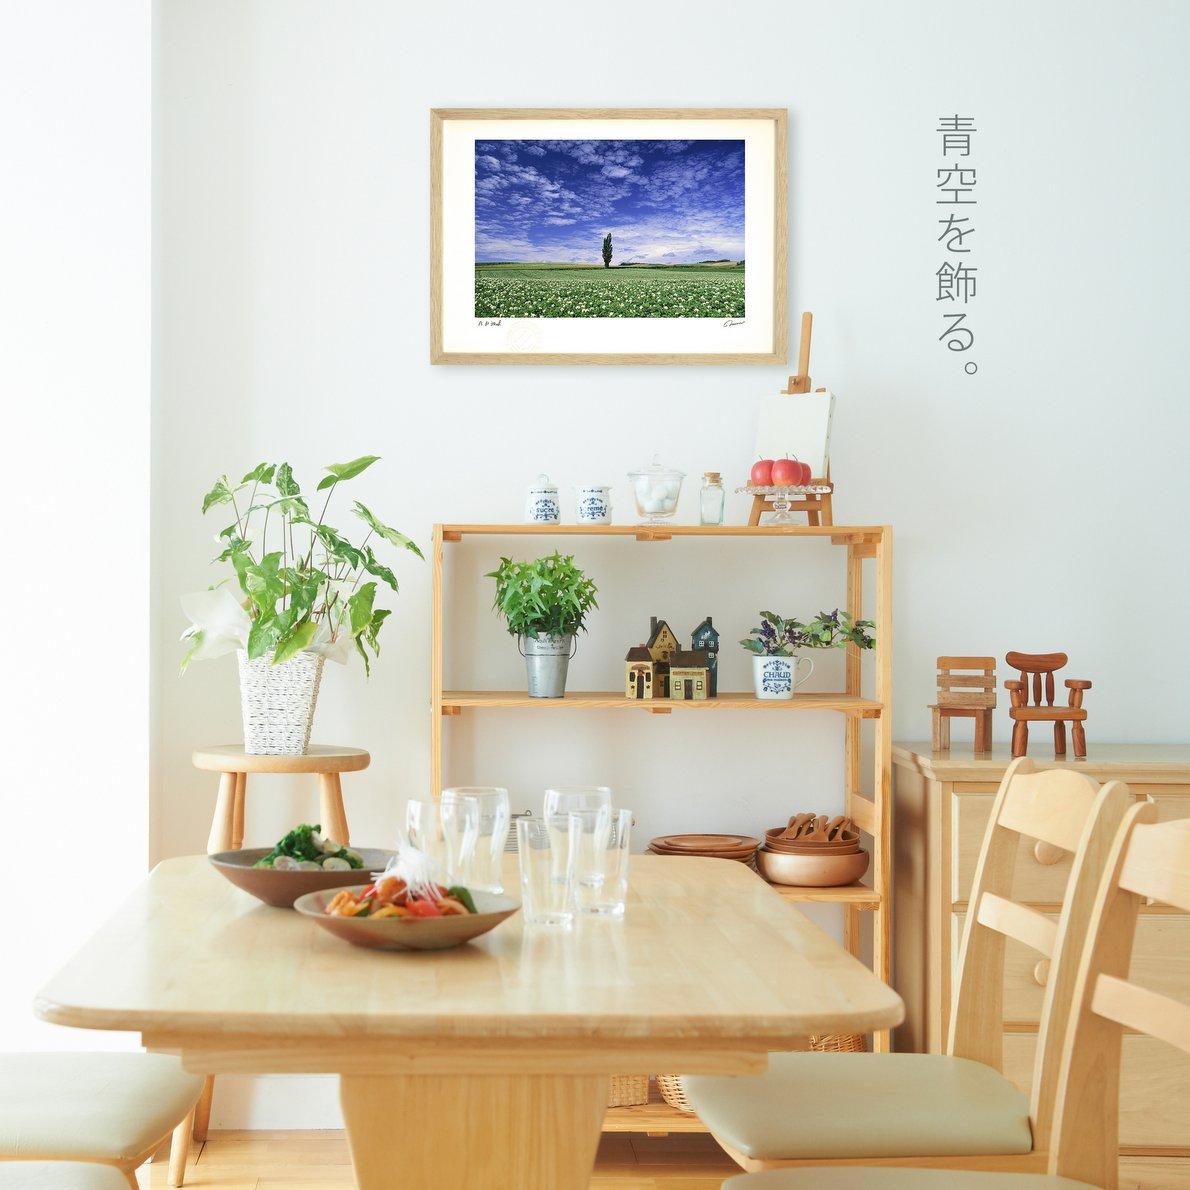 《アートフォト》桜4/中富良野町〔富良野・高橋真澄〕(レンタル対象)